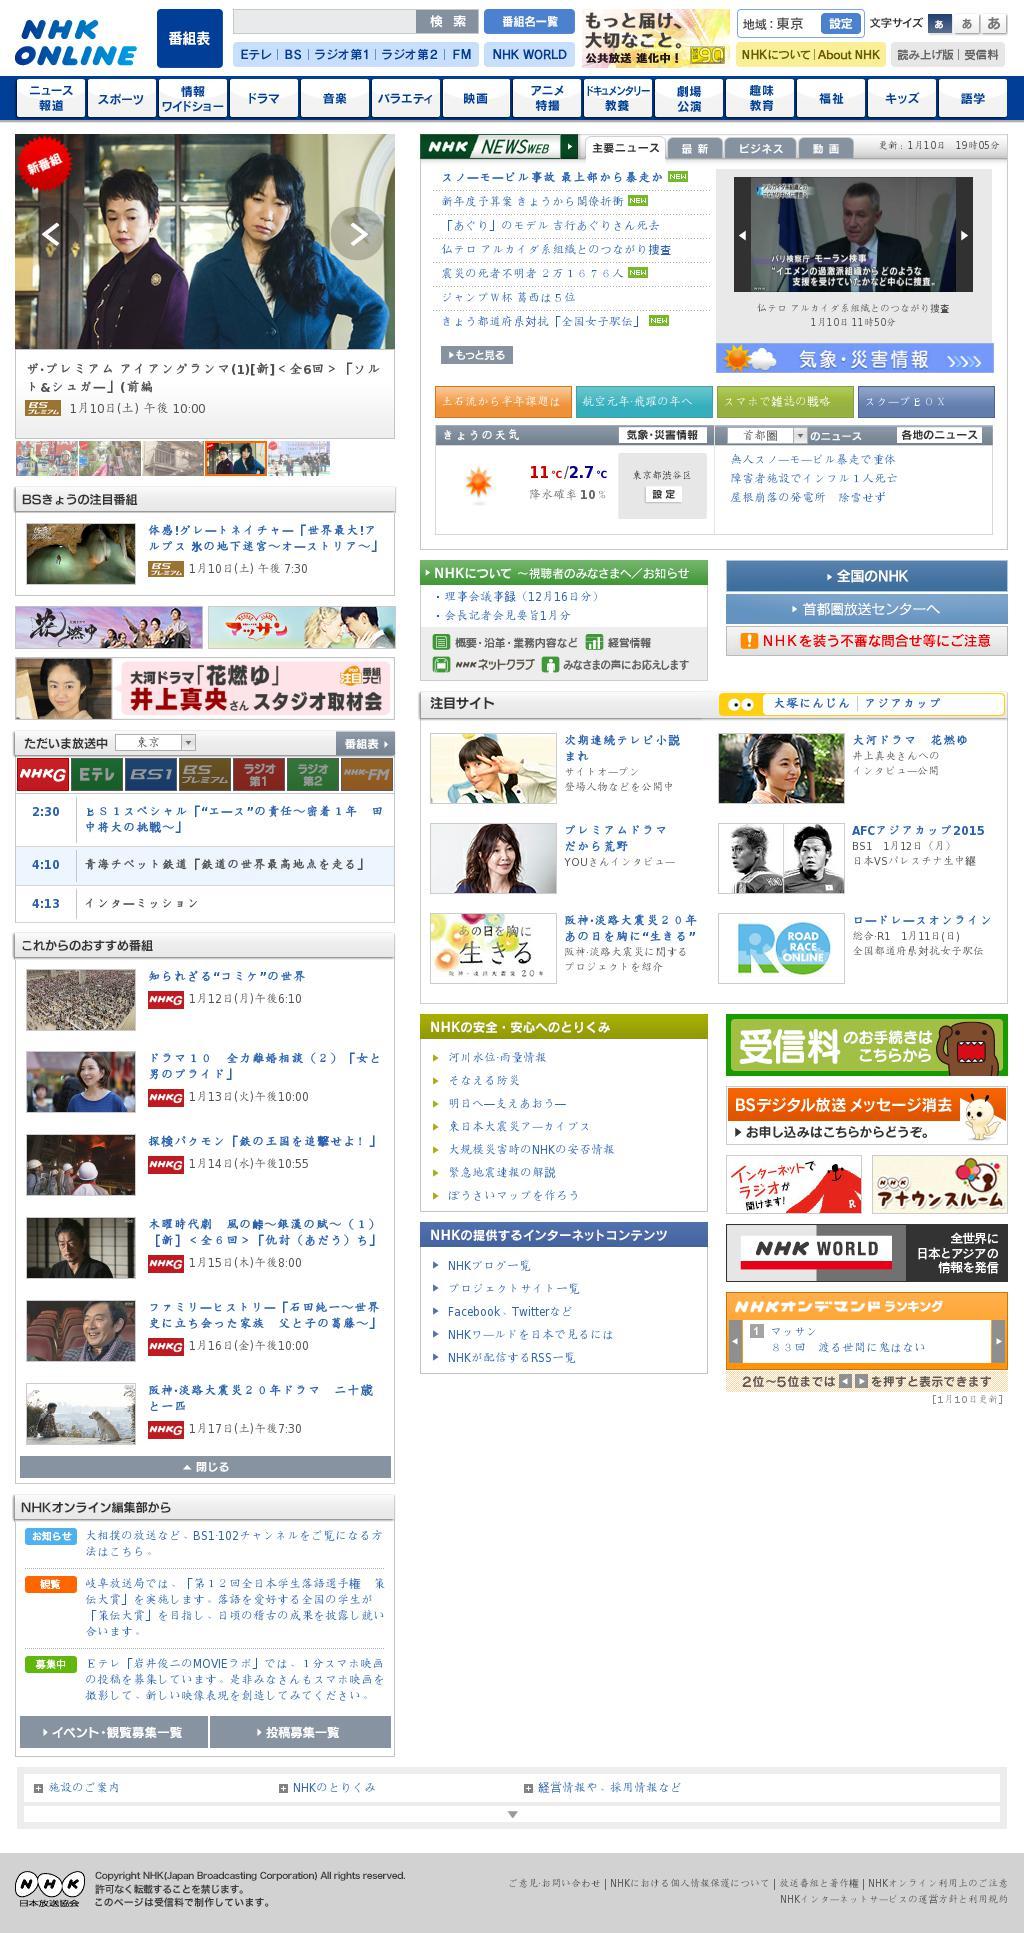 NHK Online at Saturday Jan. 10, 2015, 7:14 p.m. UTC